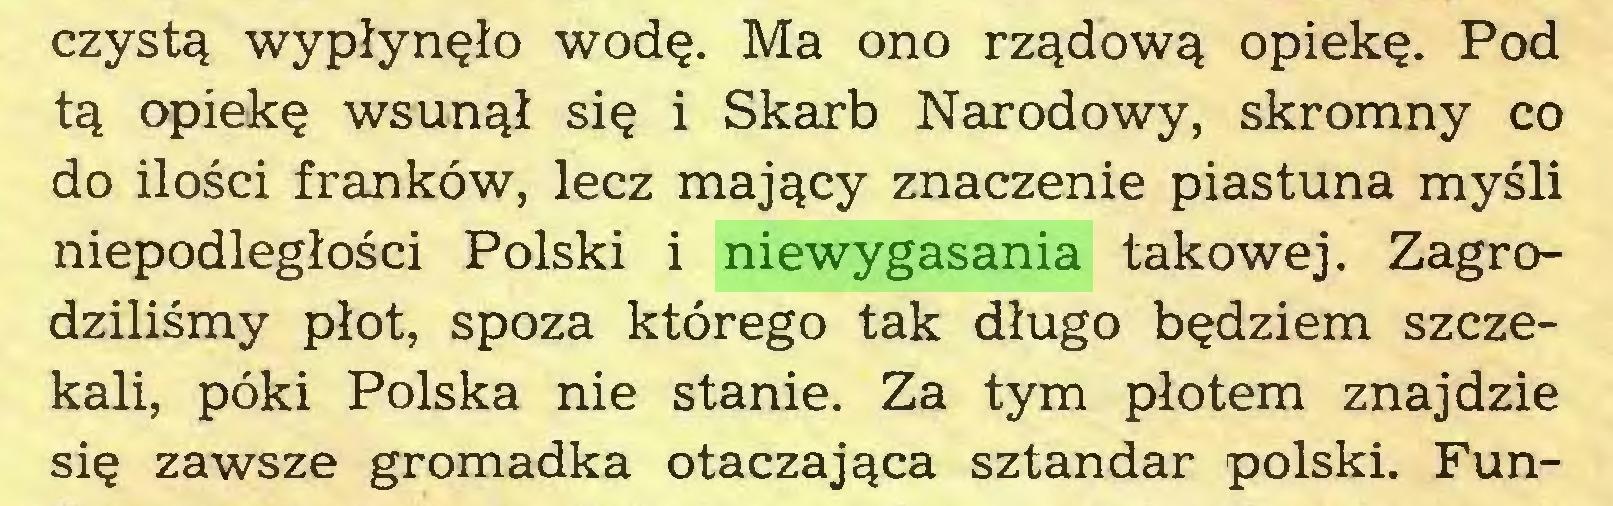 (...) czystą wypłynęło wodę. Ma ono rządową opiekę. Pod tą opiekę wsunął się i Skarb Narodowy, skromny co do ilości franków, lecz mający znaczenie piastuna myśli niepodległości Polski i niewygasania takowej. Zagrodziliśmy płot, spoza którego tak długo będziem szczekali, póki Polska nie stanie. Za tym płotem znajdzie się zawsze gromadka otaczająca sztandar polski. Fun...